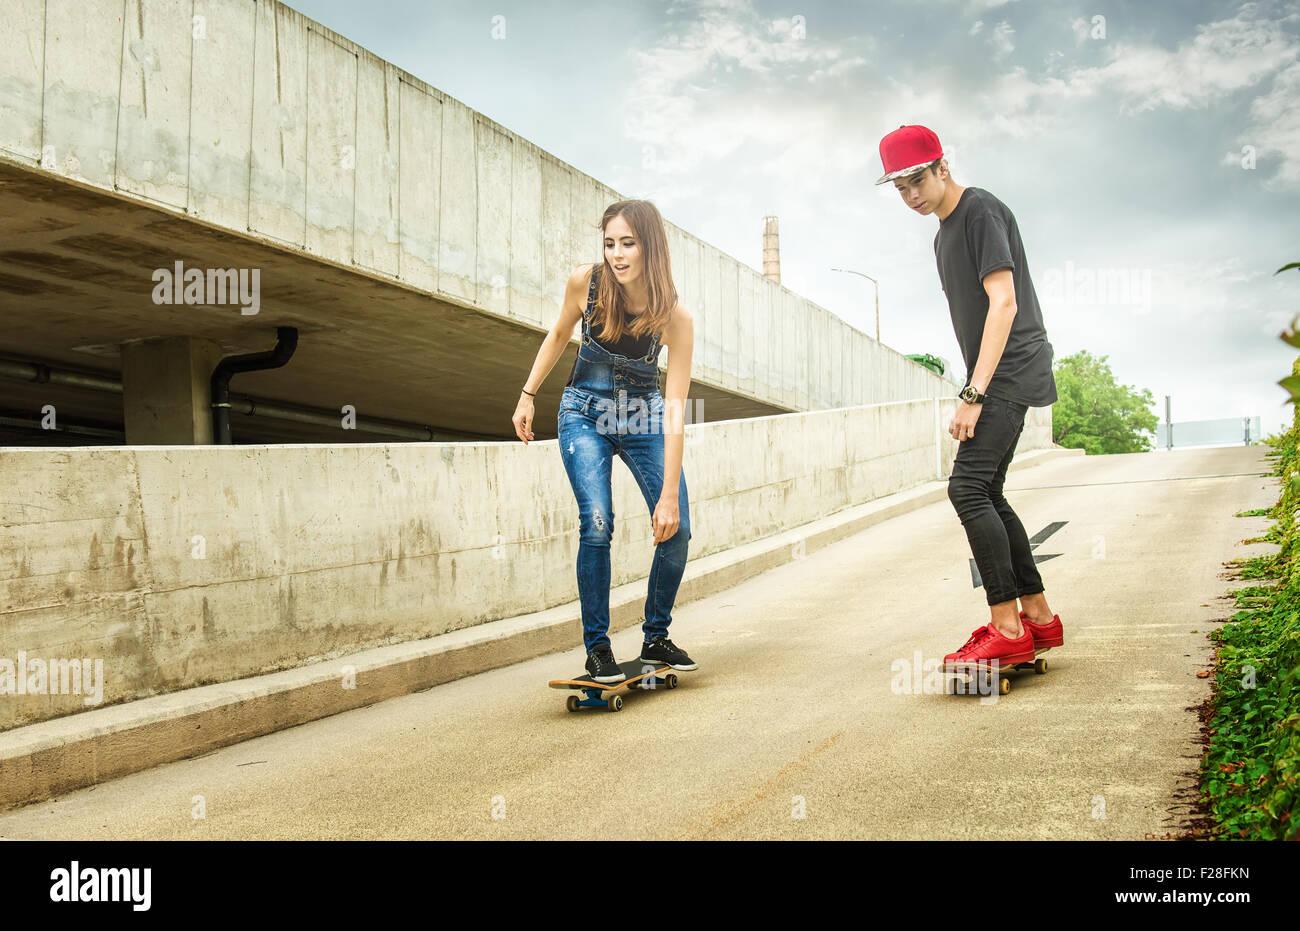 La femme et l'homme skateur dévalant la pente Photo Stock